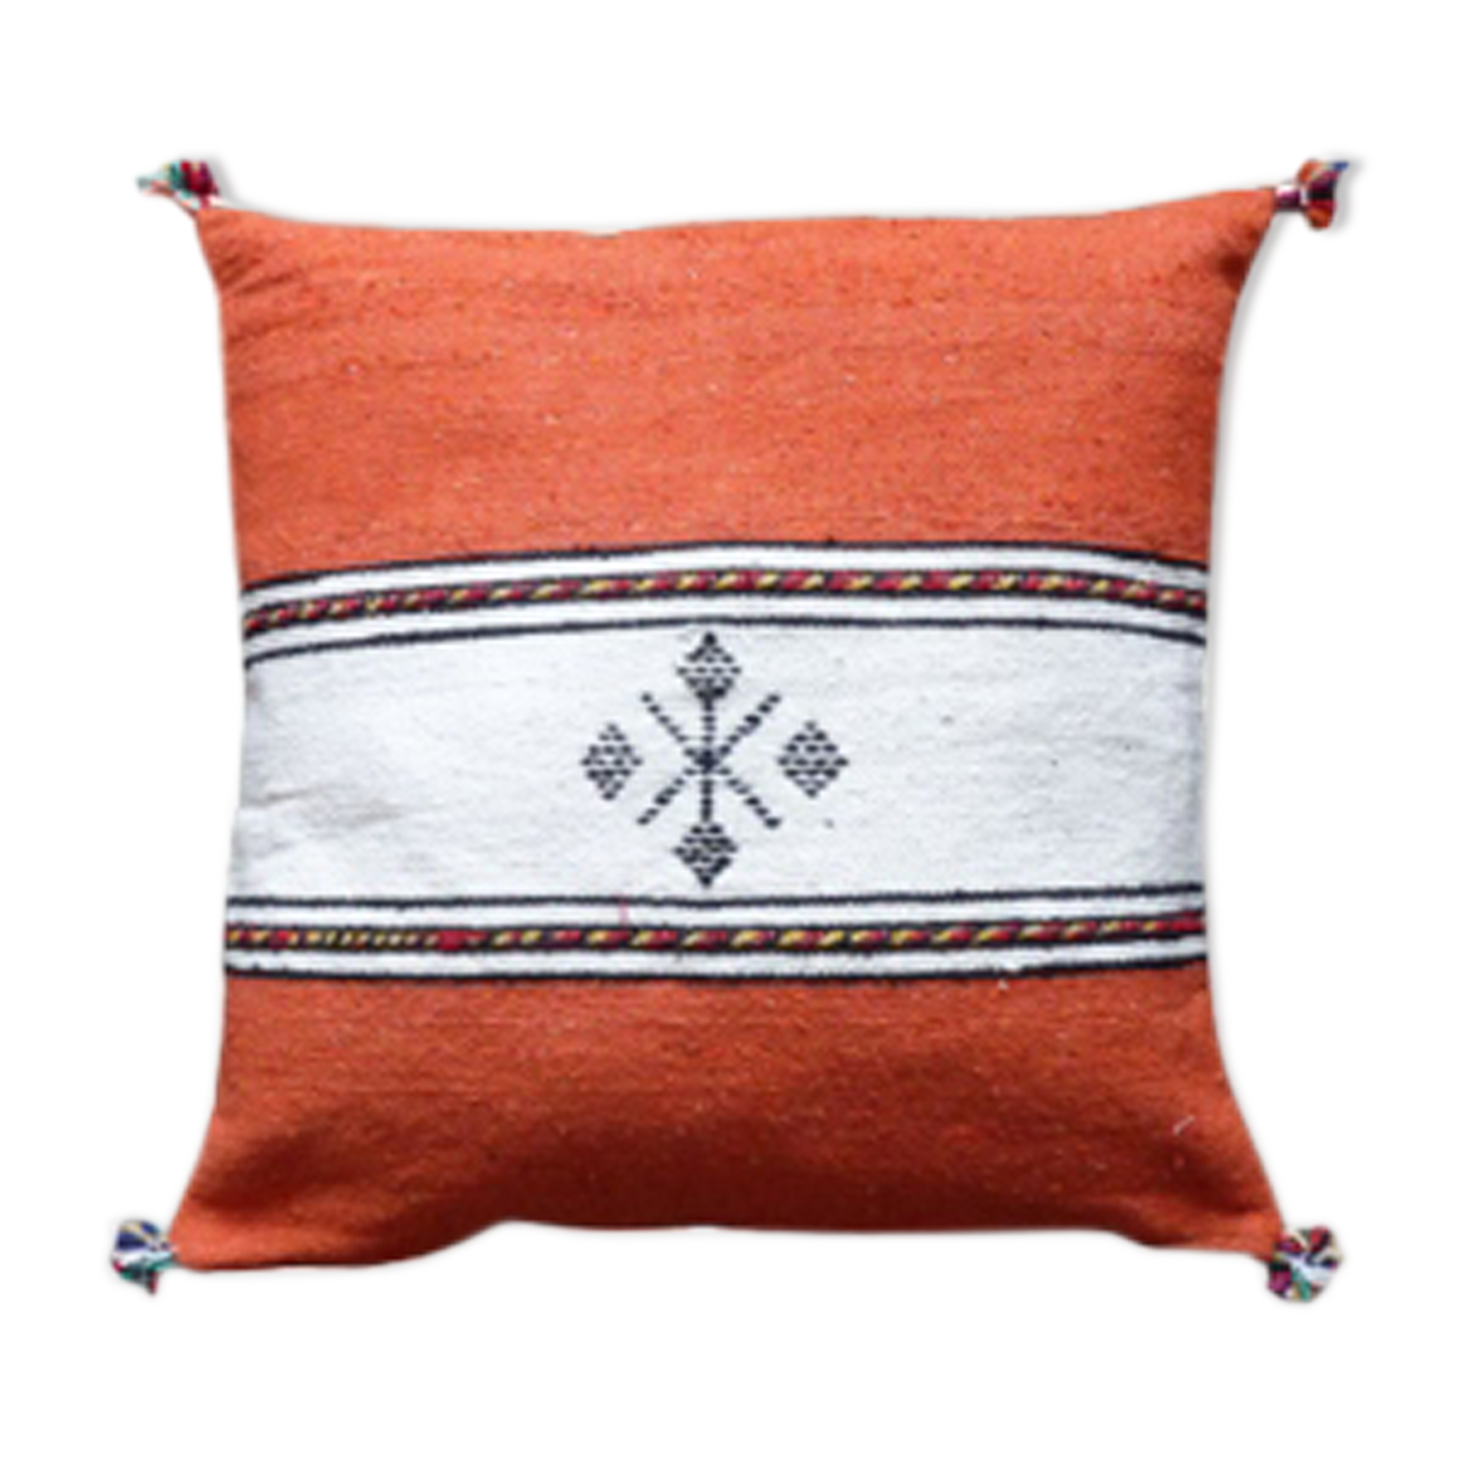 Coussin berbère marocain orange et blanc